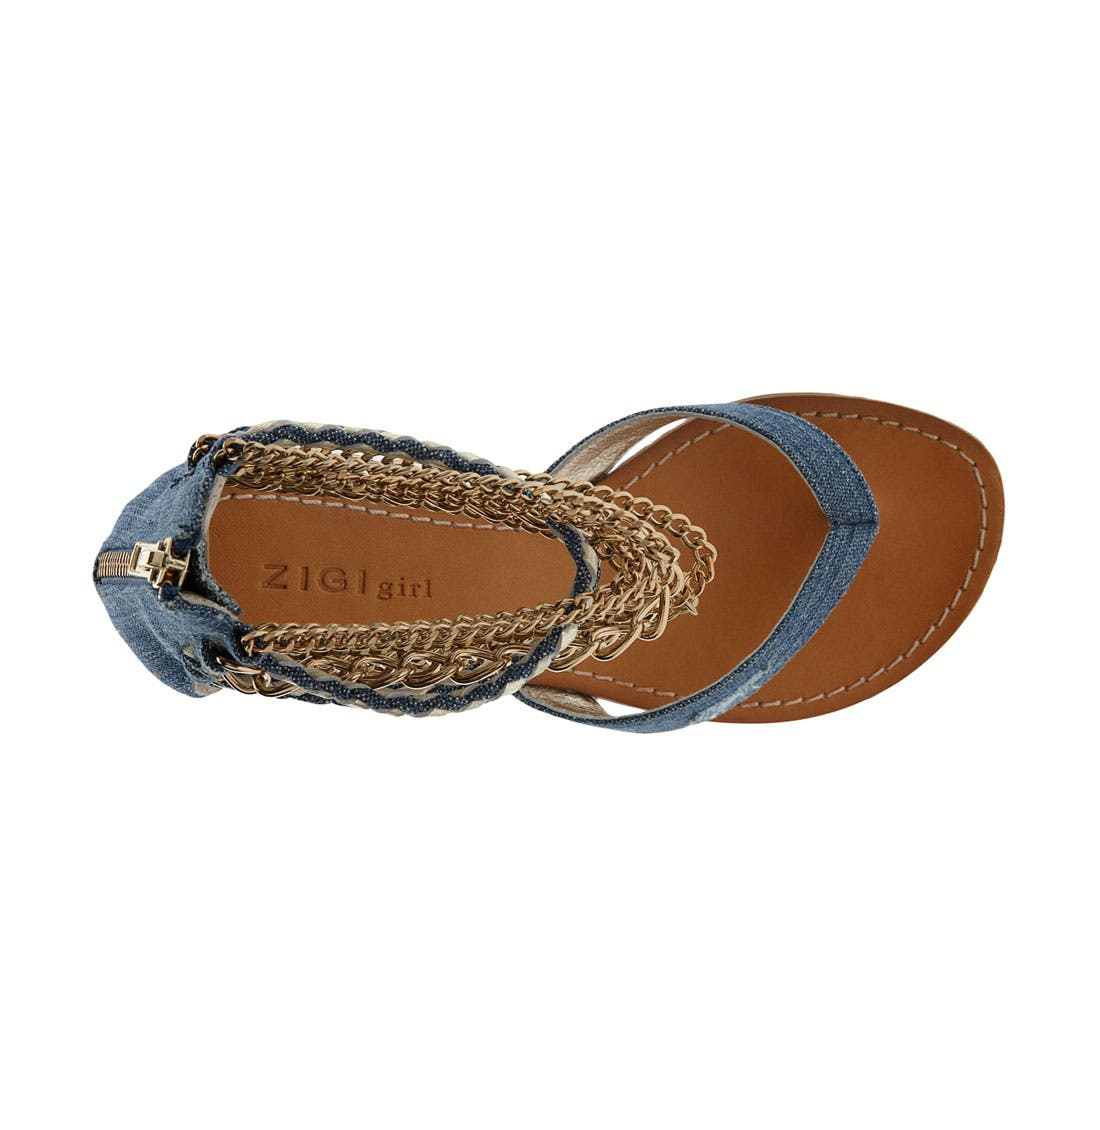 Alternate Image 3  - ZiGi girl 'To Die For' Sandal